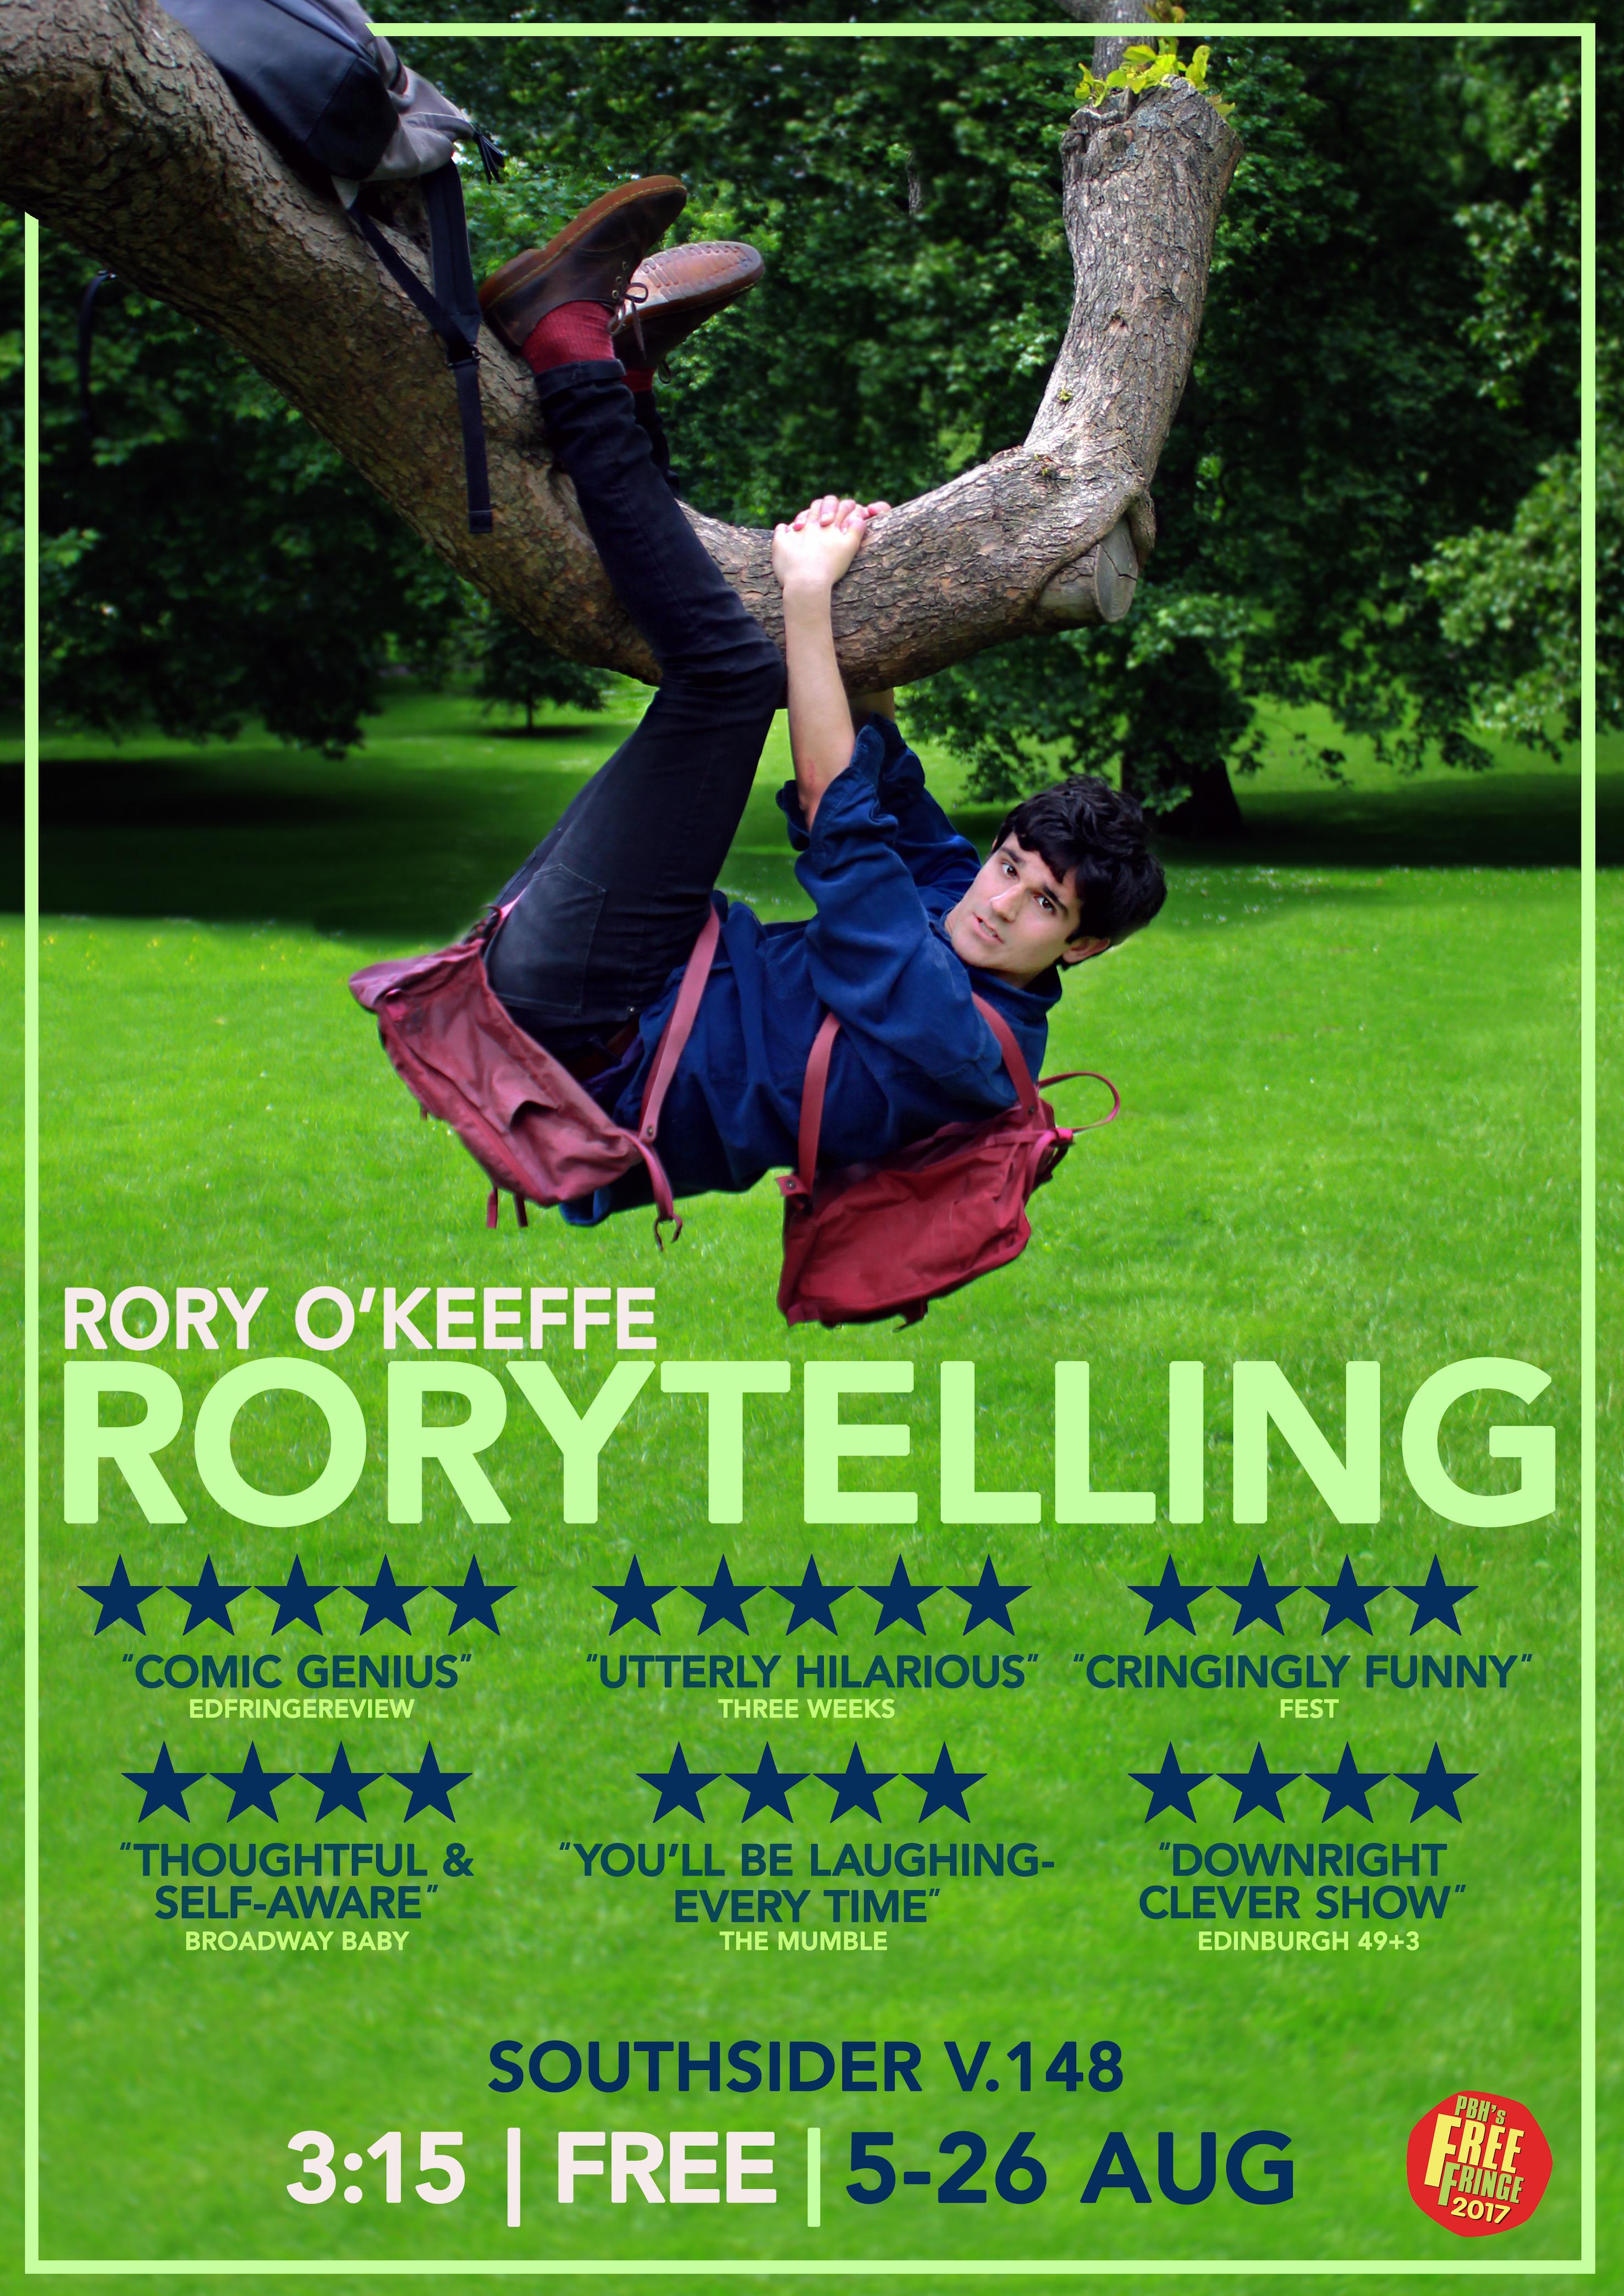 Rory O'Keeffe 2017